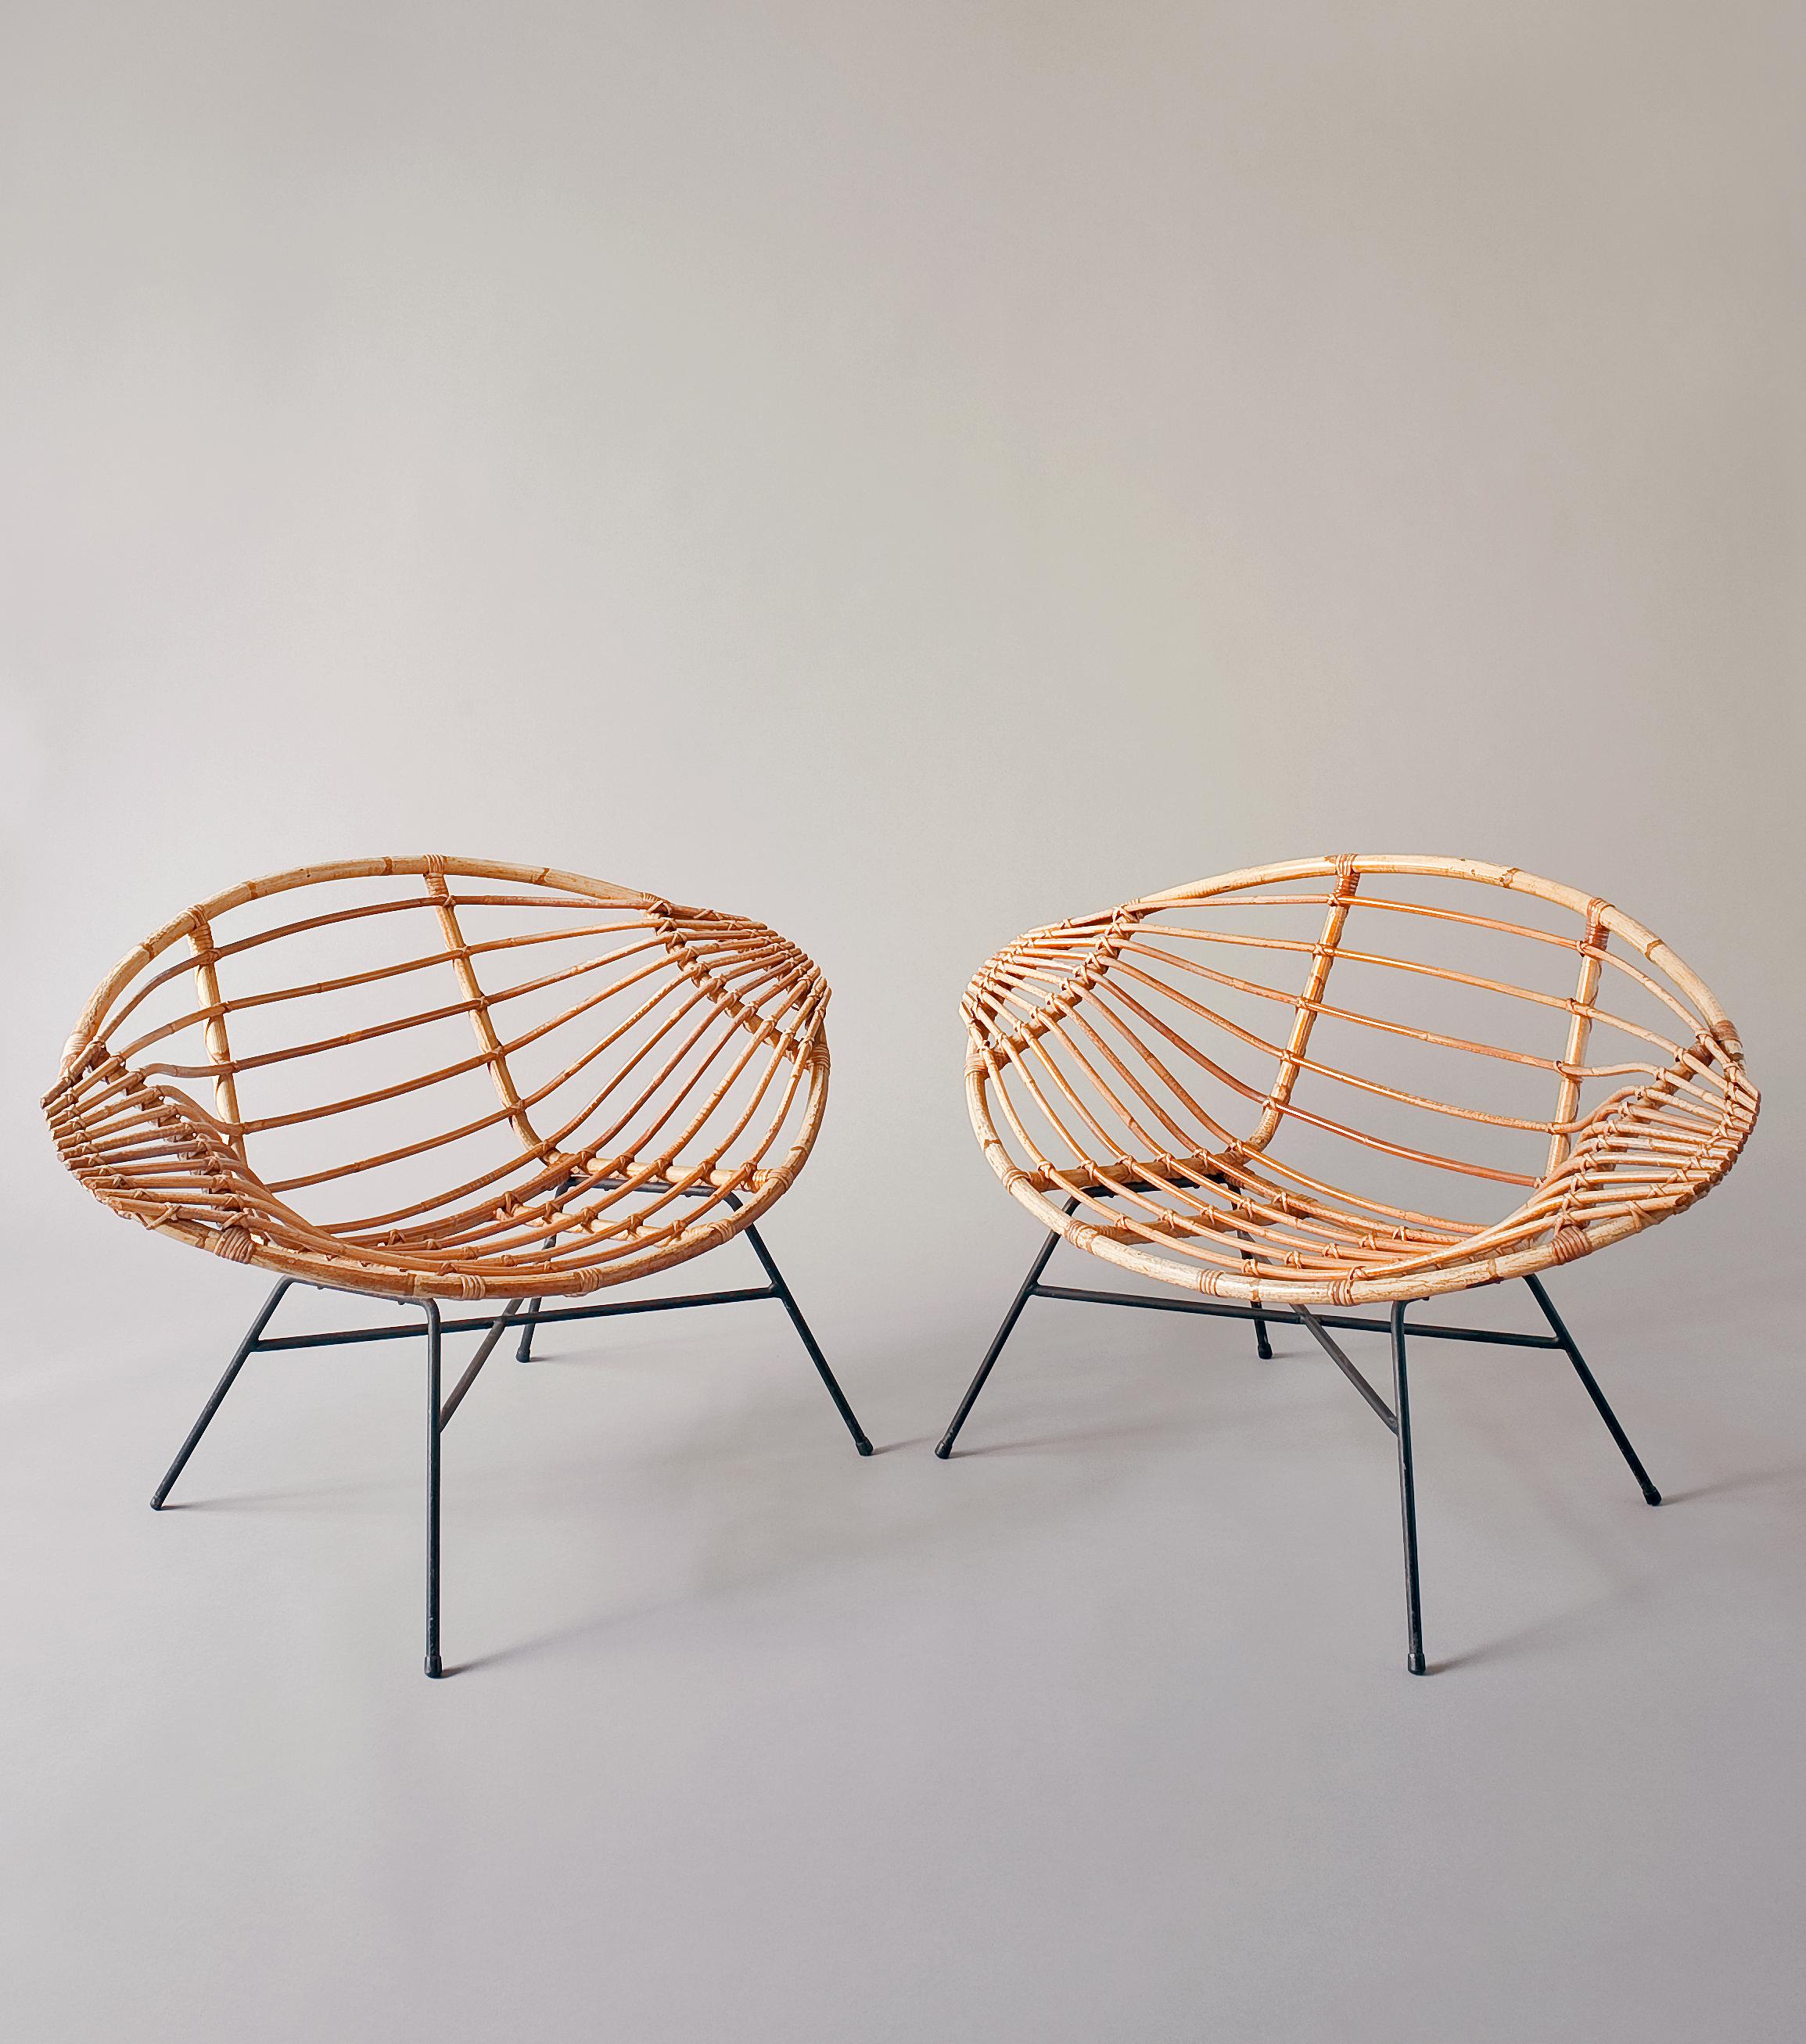 Paire de fauteuils Fauteuils Citron de Janine Abraham & Dirk Jan Rol